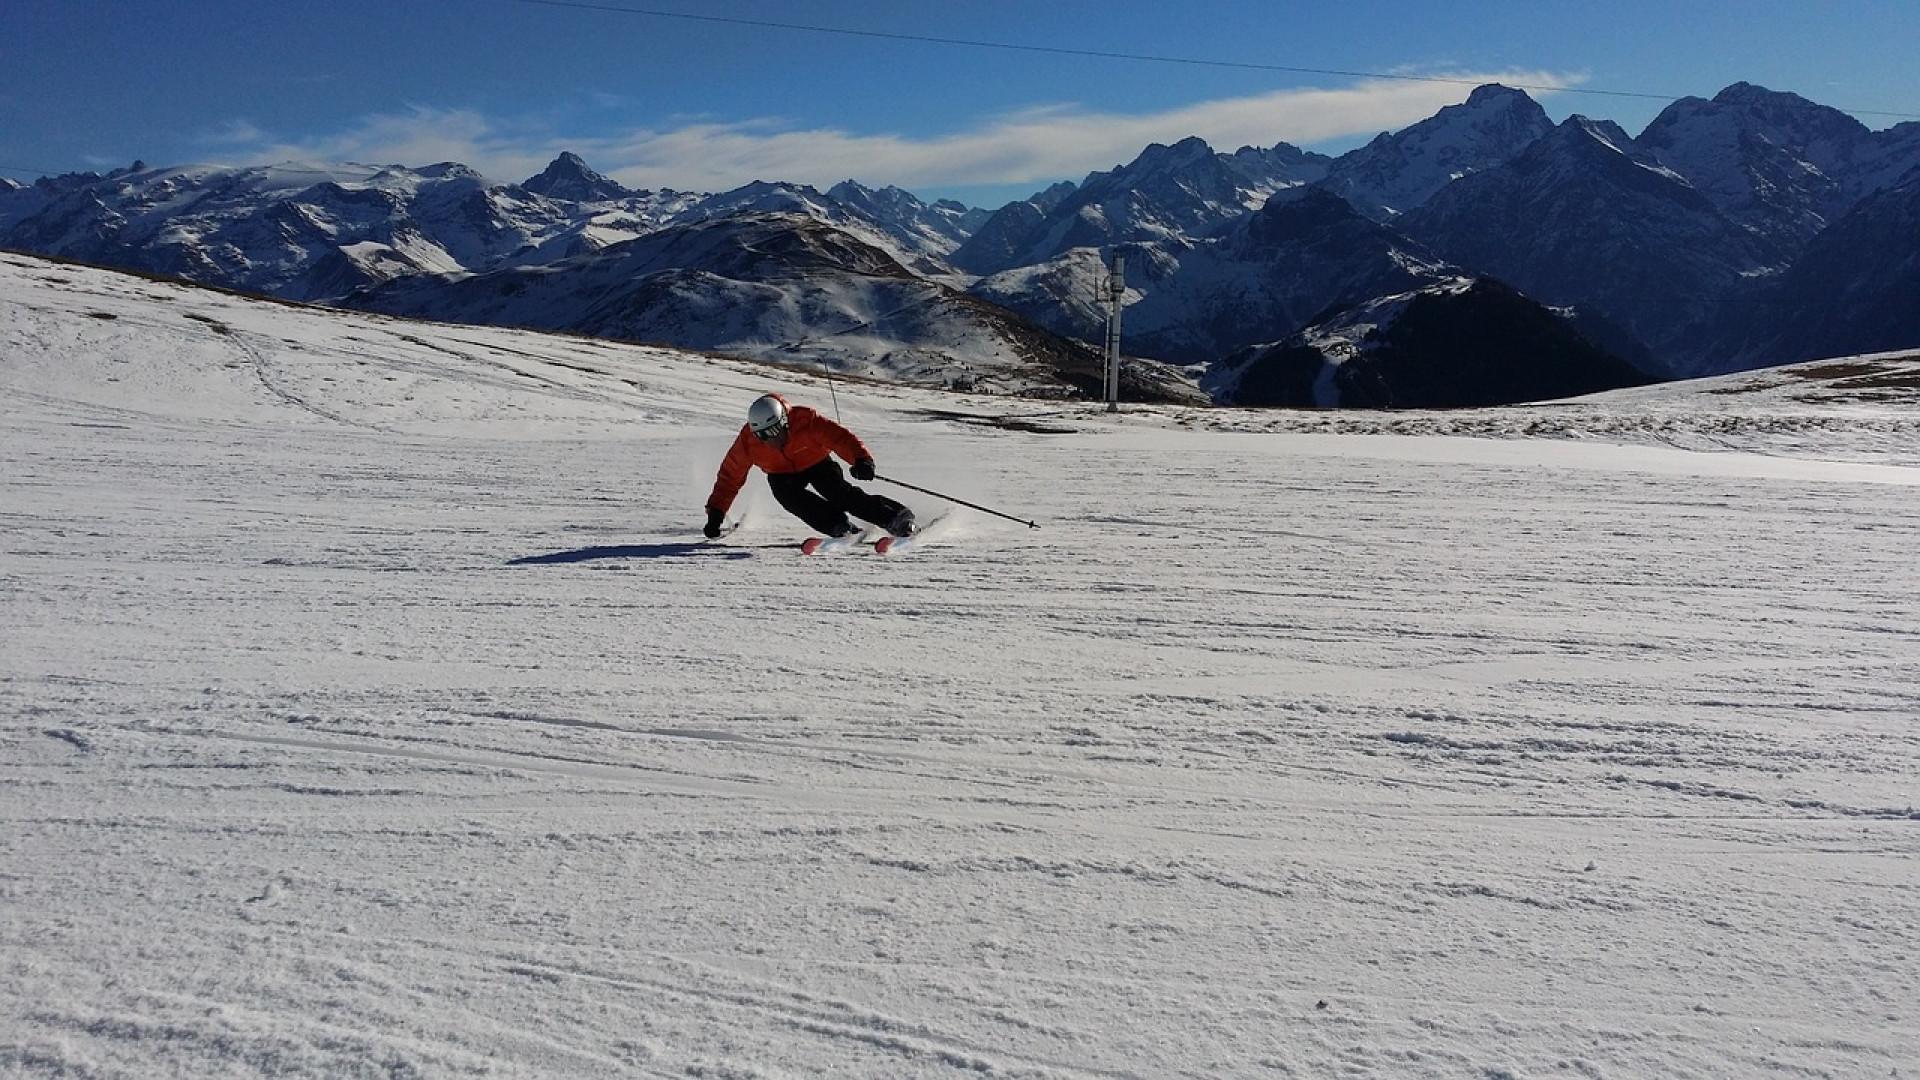 L'hiver approche, les vacances au ski à la montagne aussi